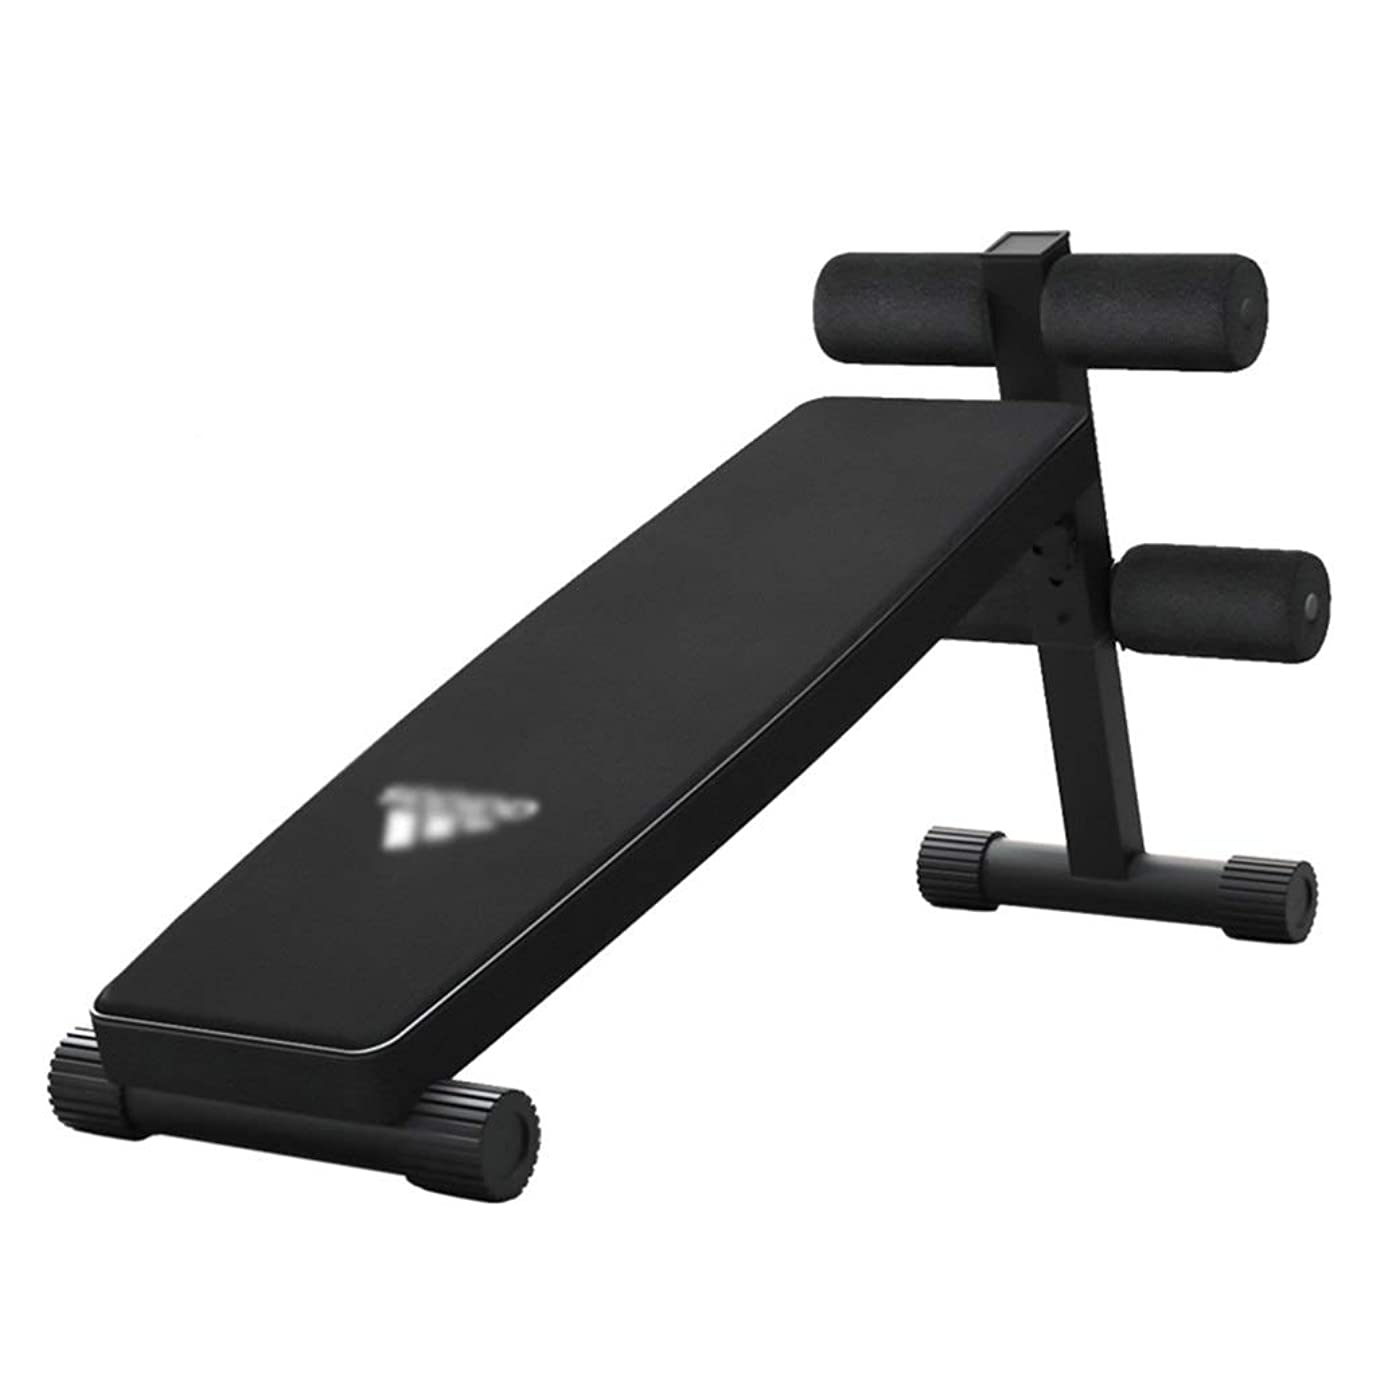 不条理案件着実にトレーニングベンチ ダンベルベンチ腹筋運動器具スポーツ用腹部ホームスイングベンチ 仰臥位ボード (Color : Black, Size : 134*33.5*58.5cm)